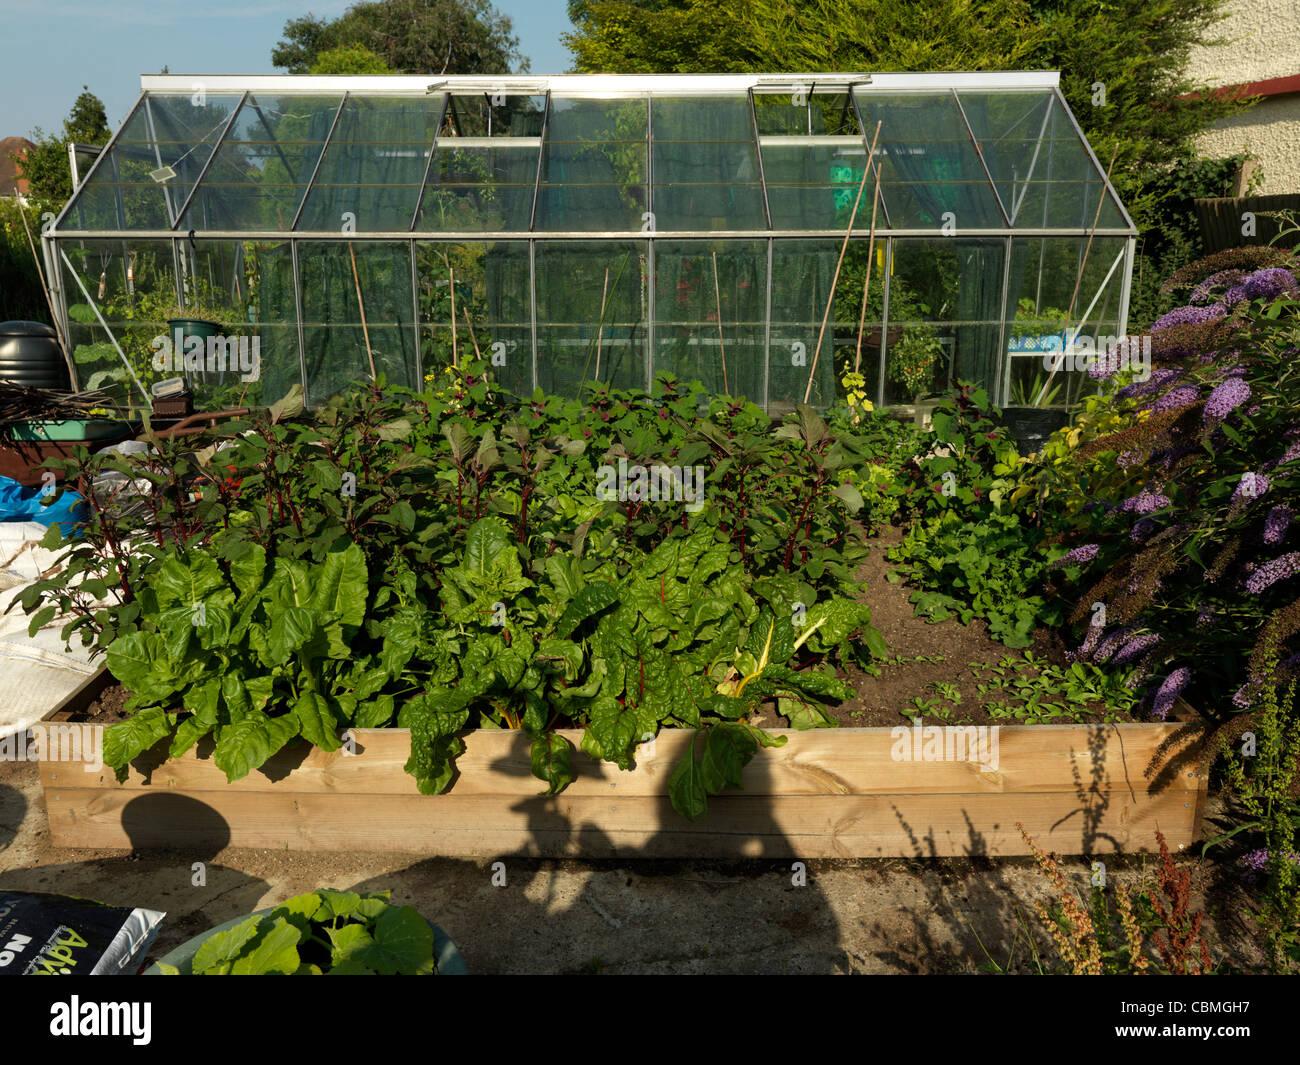 Hochbeet Mit Salat Spinat Mangold Und Pastinake Im Garten Surrey